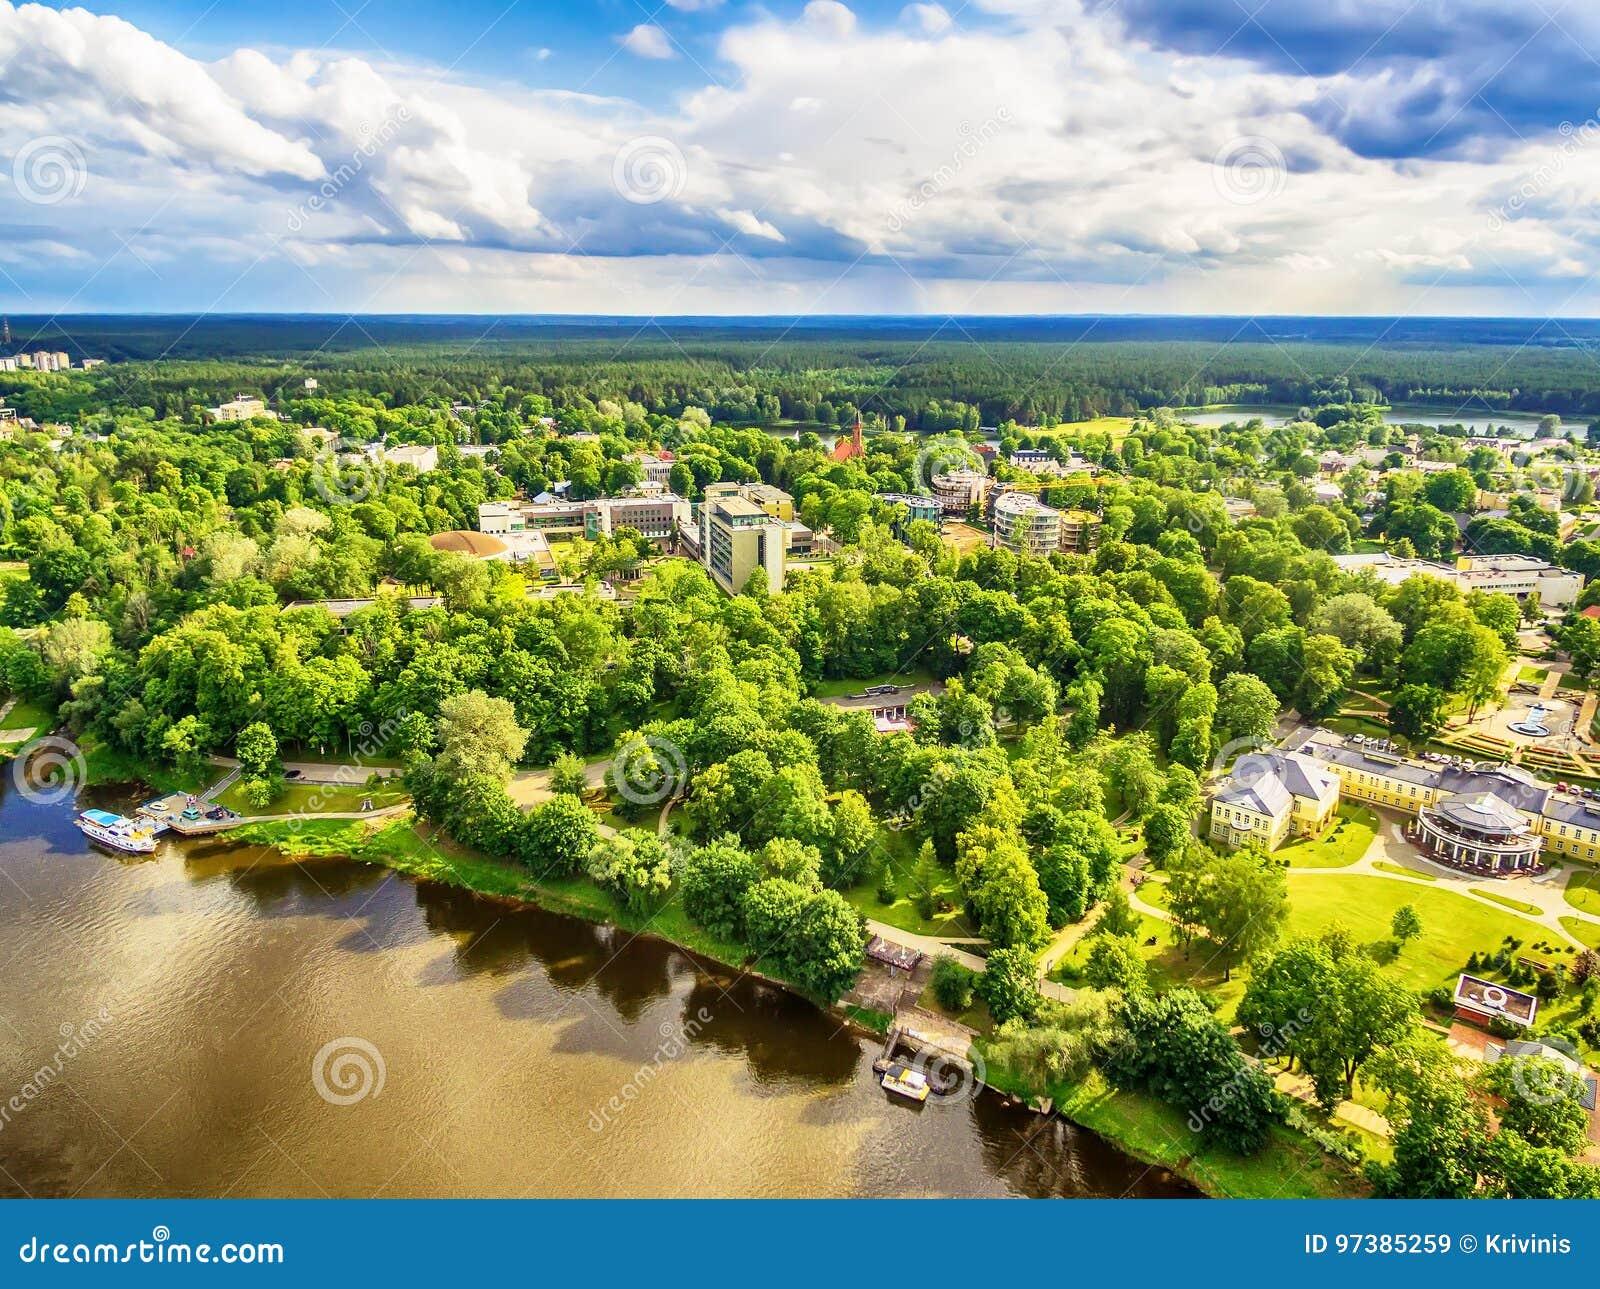 Litouwen, Baltische Staten: luchtuav mening van Druskininkai, een kuuroordstad over de Nemunas-rivier